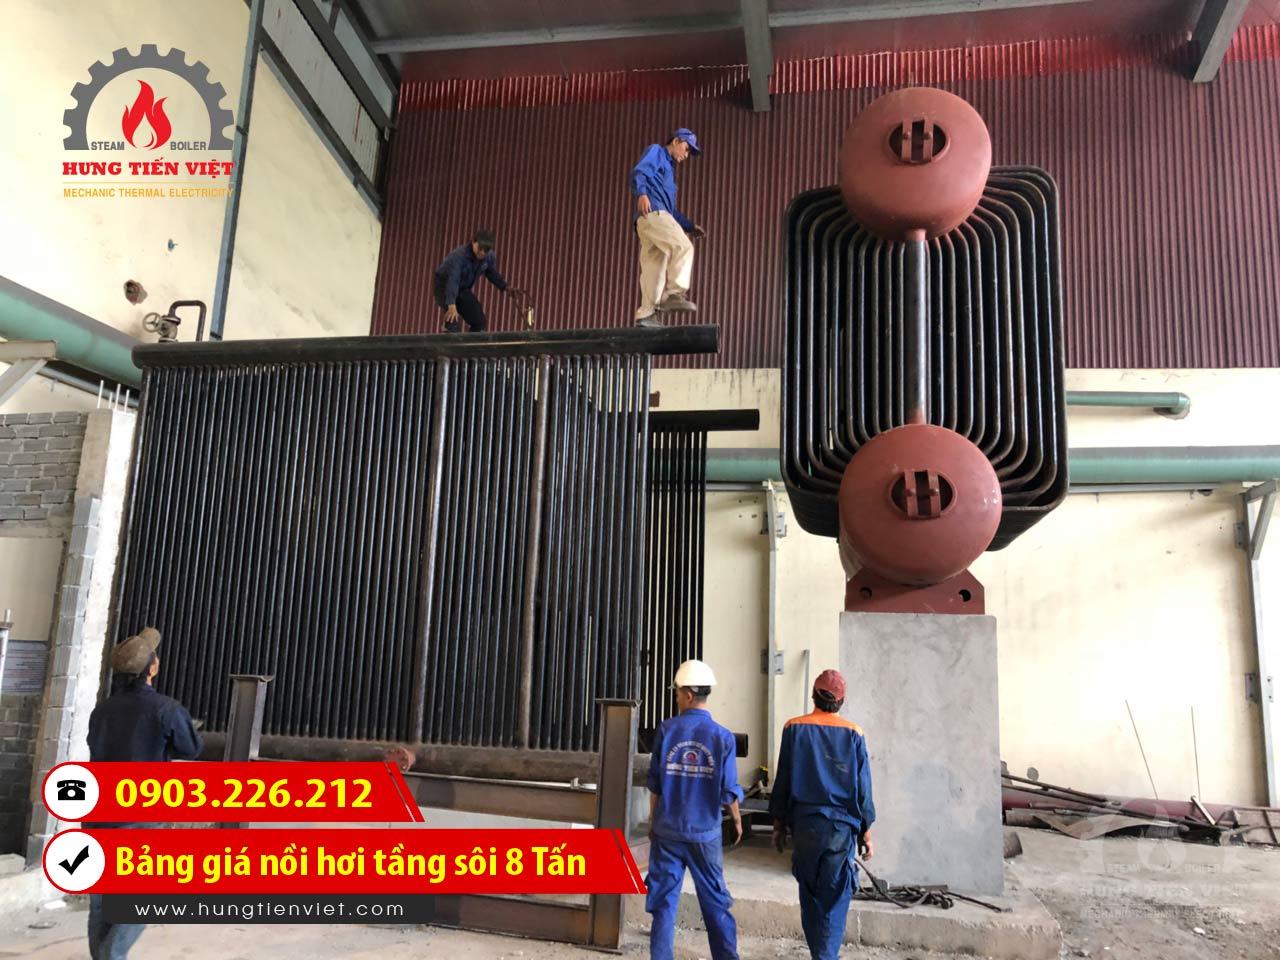 Nồi hơi tầng sôi 8 tấn